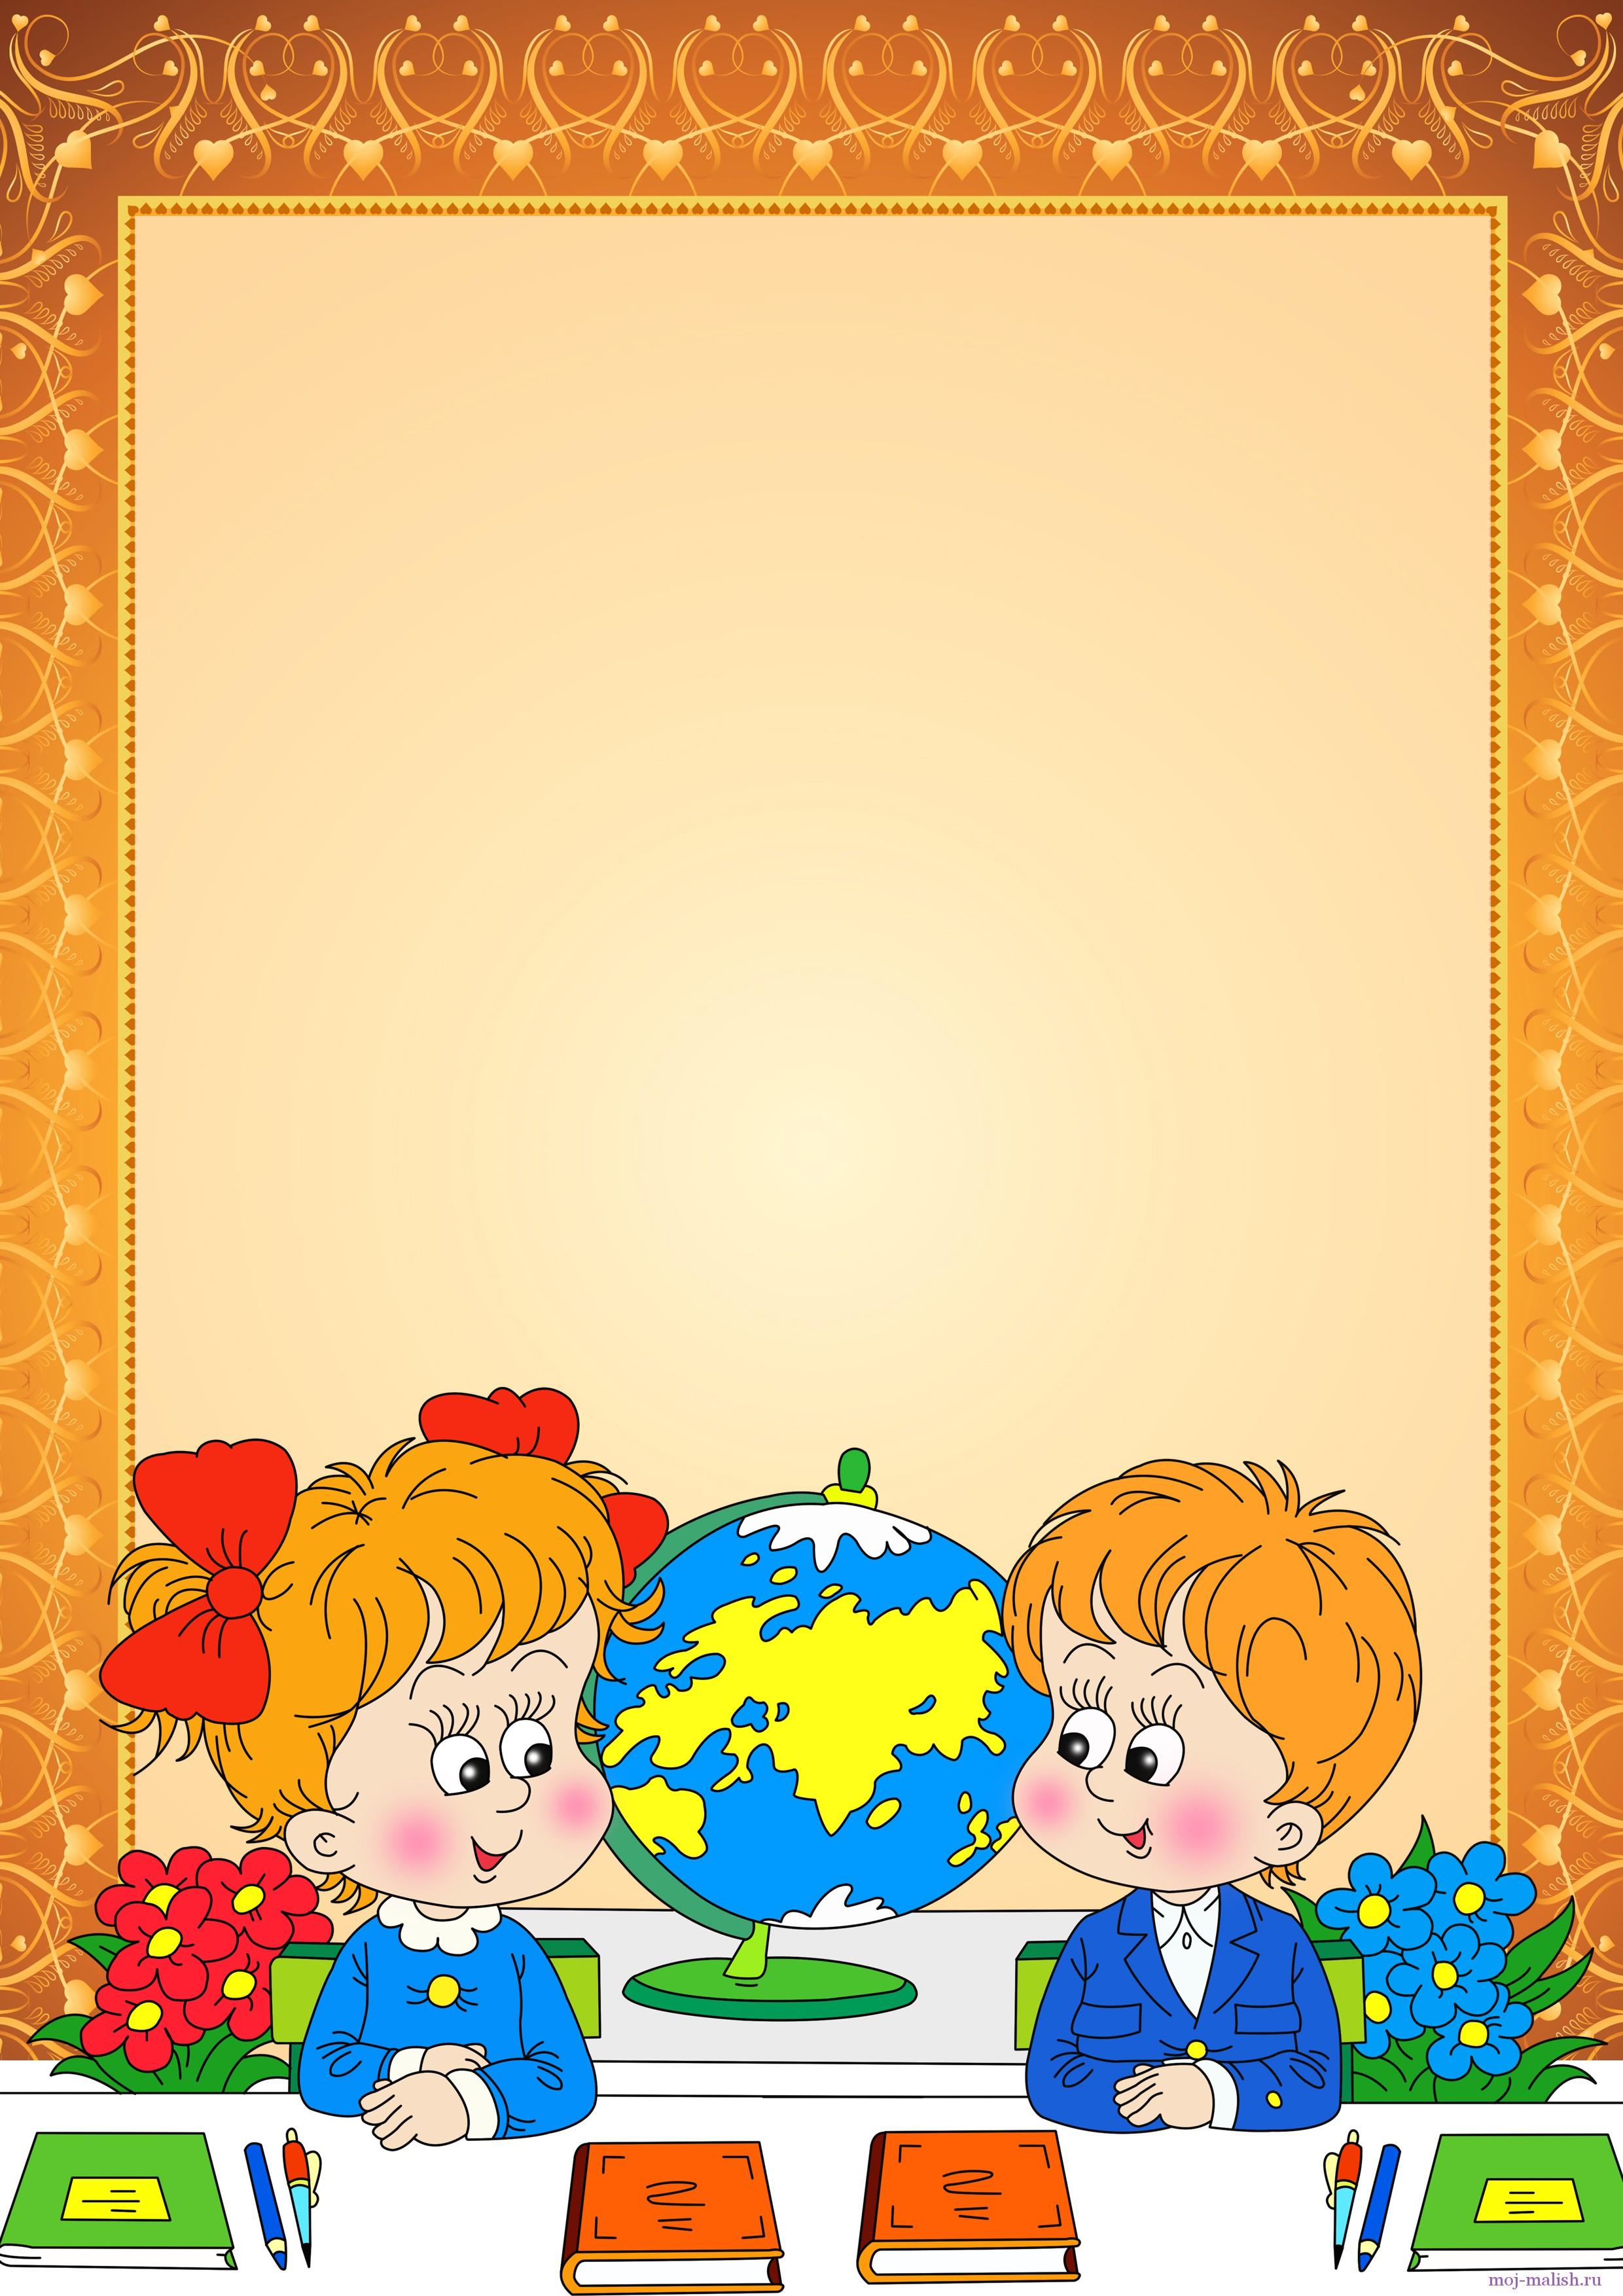 Образец грамот для детей Шаблоны грамот и дипломов для детского Предлагаем образцы текстовпоздравлений на открытки грамоты для детей и взрослых Конкурсы для детей и школьников